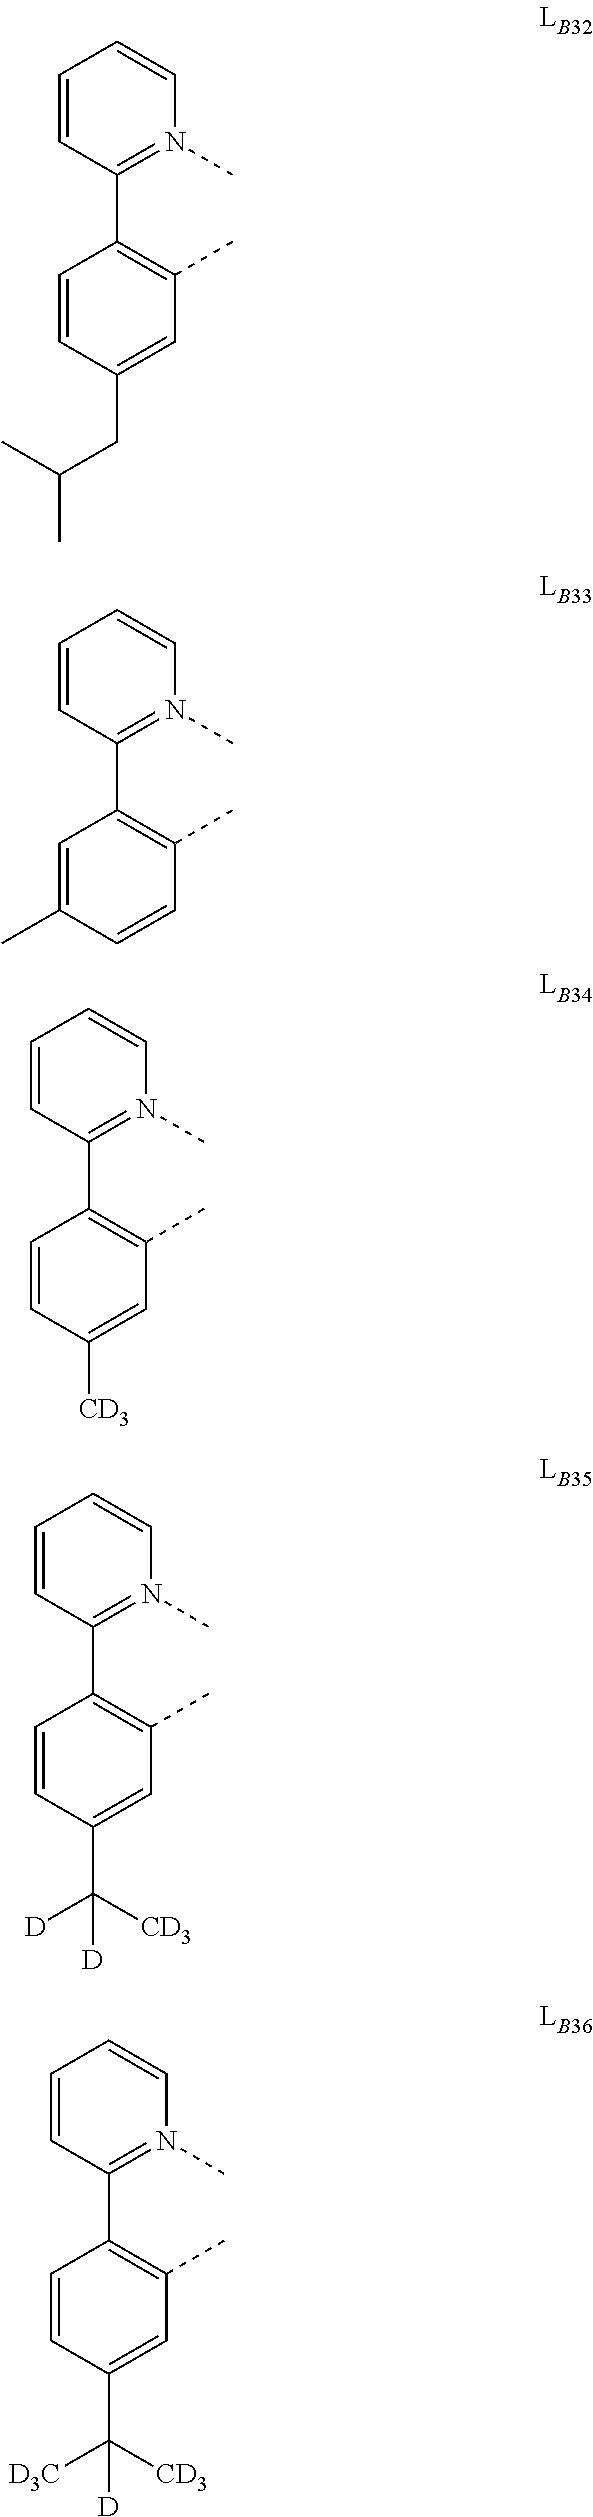 Figure US20180130962A1-20180510-C00072